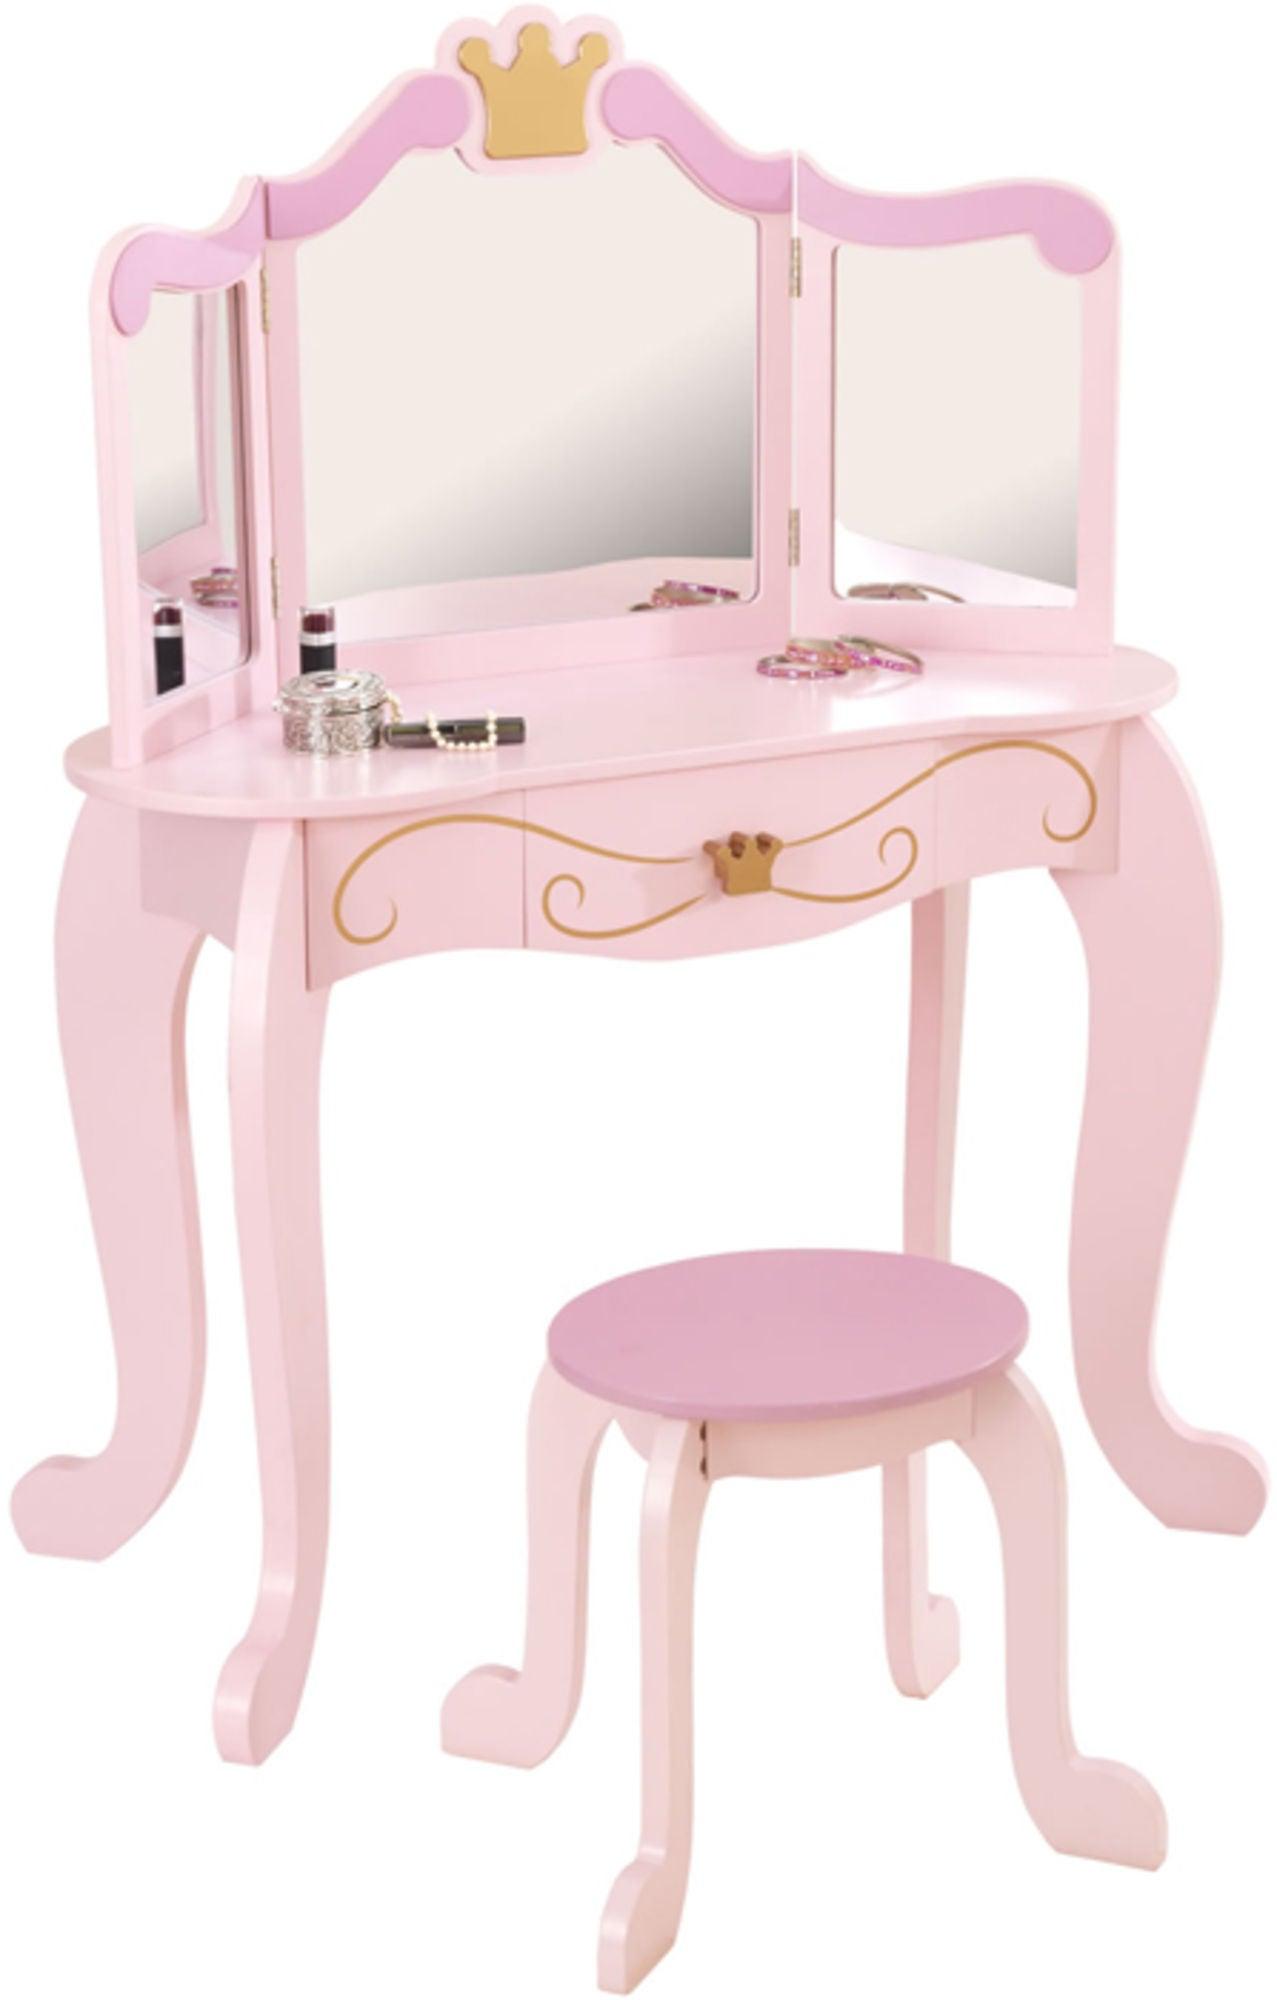 KidKraft Peilipöytä Prinsessa